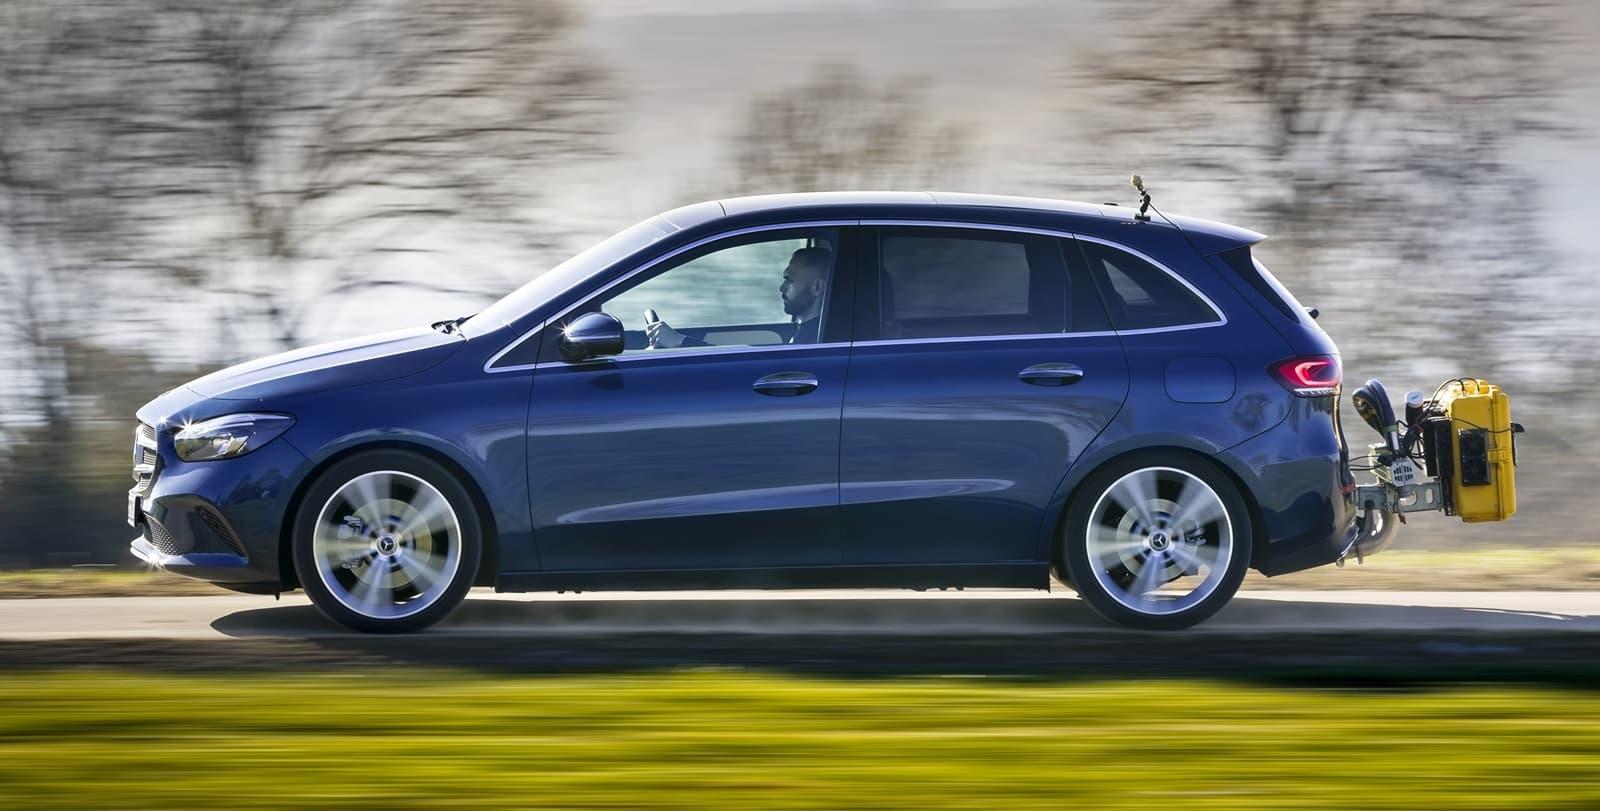 Mercedes Diesel Emisiones Wltp 0219 002